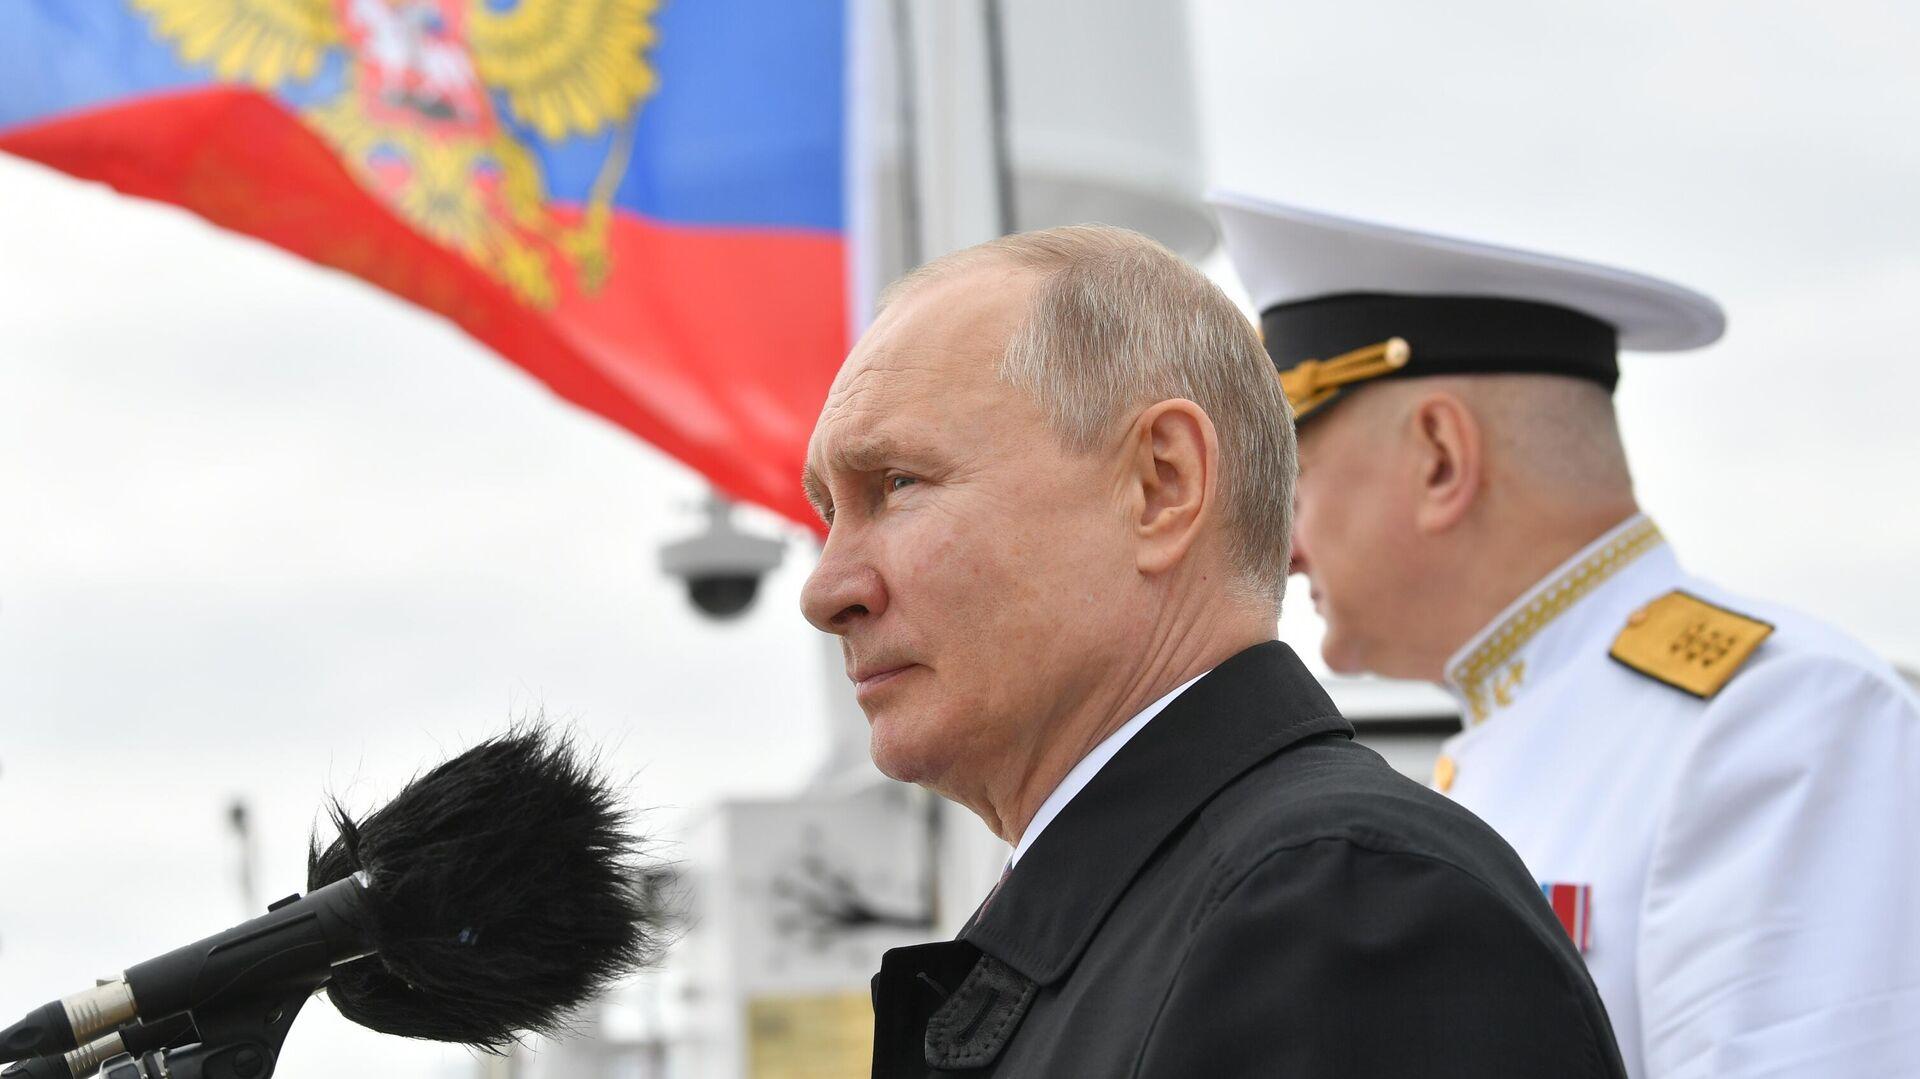 Putin partecipa alla parata navale per la Giornata della Marina russa - Sputnik Italia, 1920, 25.07.2021